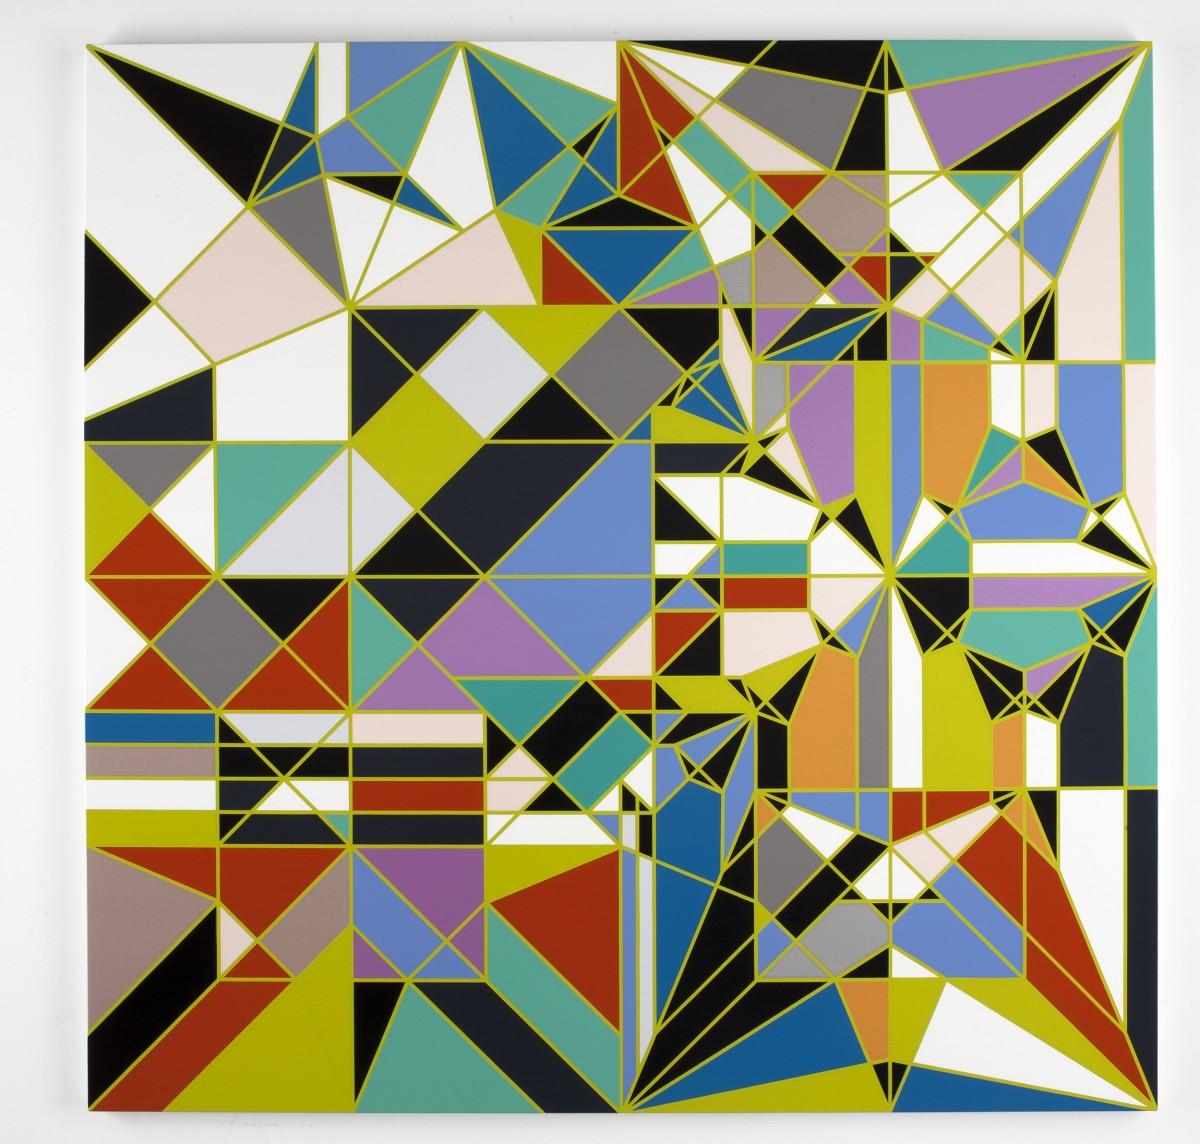 Demoiselle (Origami) Sarah Morris 2009 Peinture brillante domestique sur toile 113 3/4 × 113 3/4 in. (289 × 289 cm) © Sarah Morris (Image gracieuseté de White Cube Gallery)